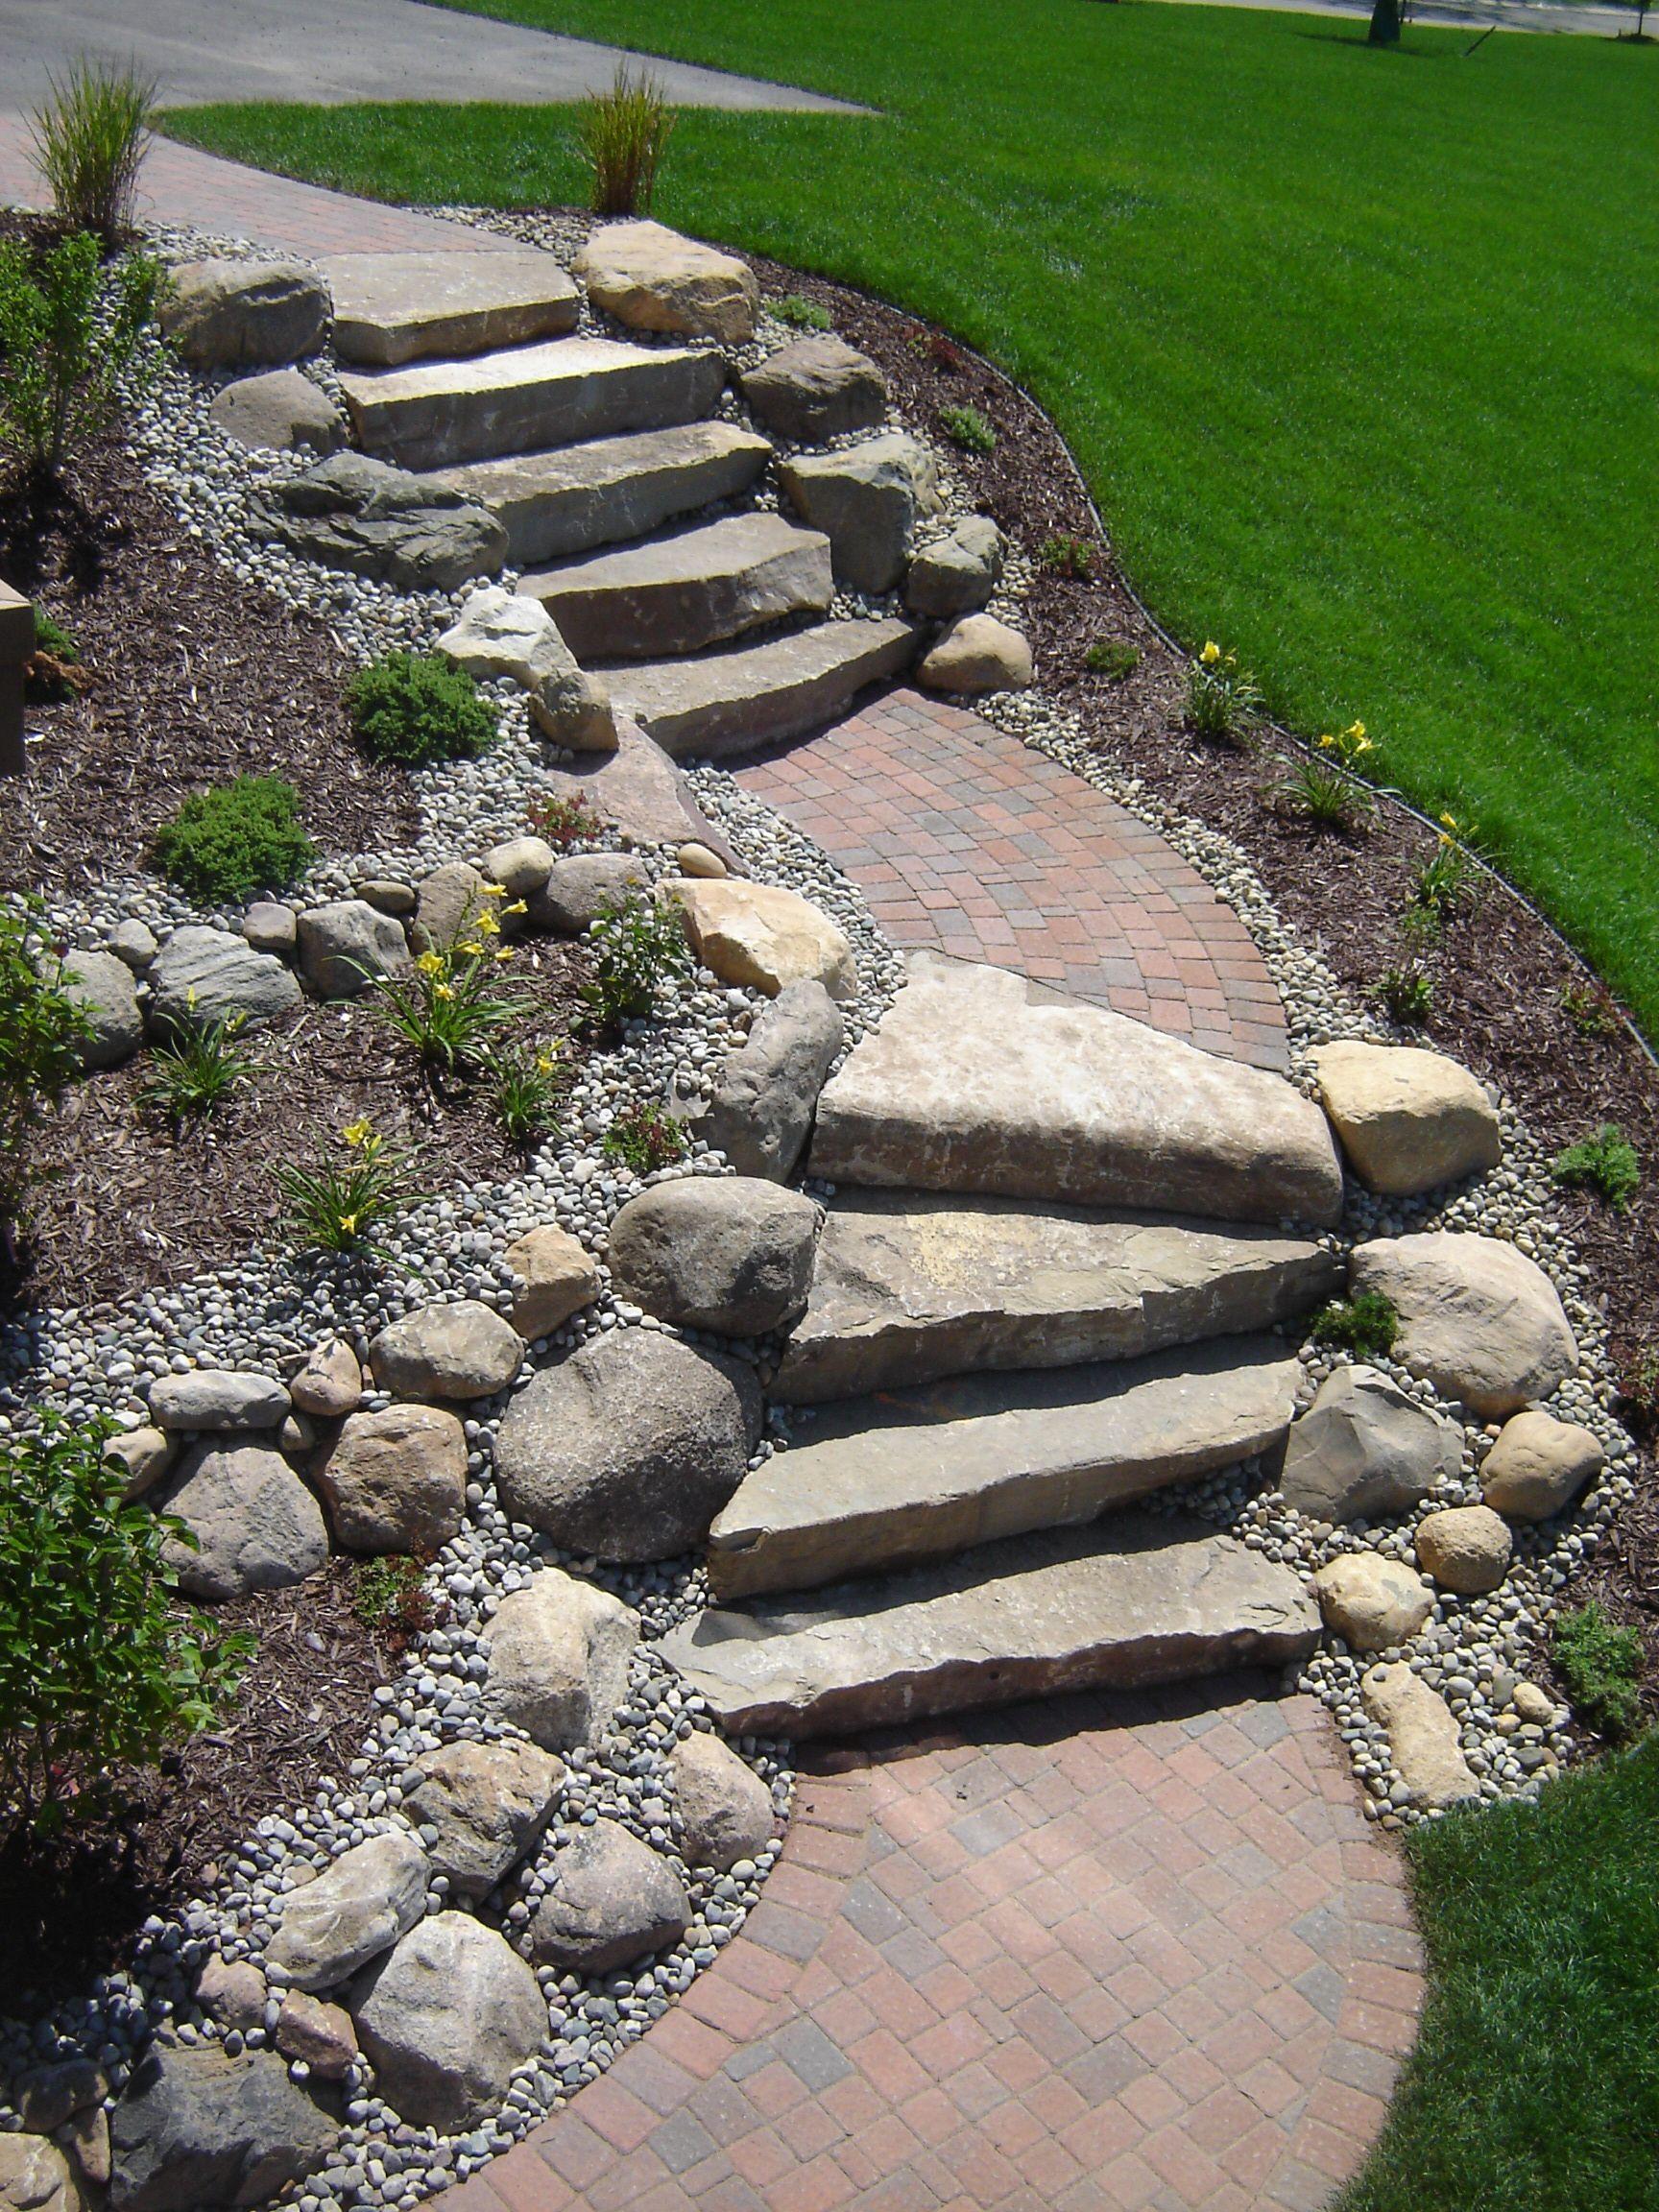 Limestone Stairs With Brick Paver Landings Pathway Landscaping Garden Stairs Landscape Stairs